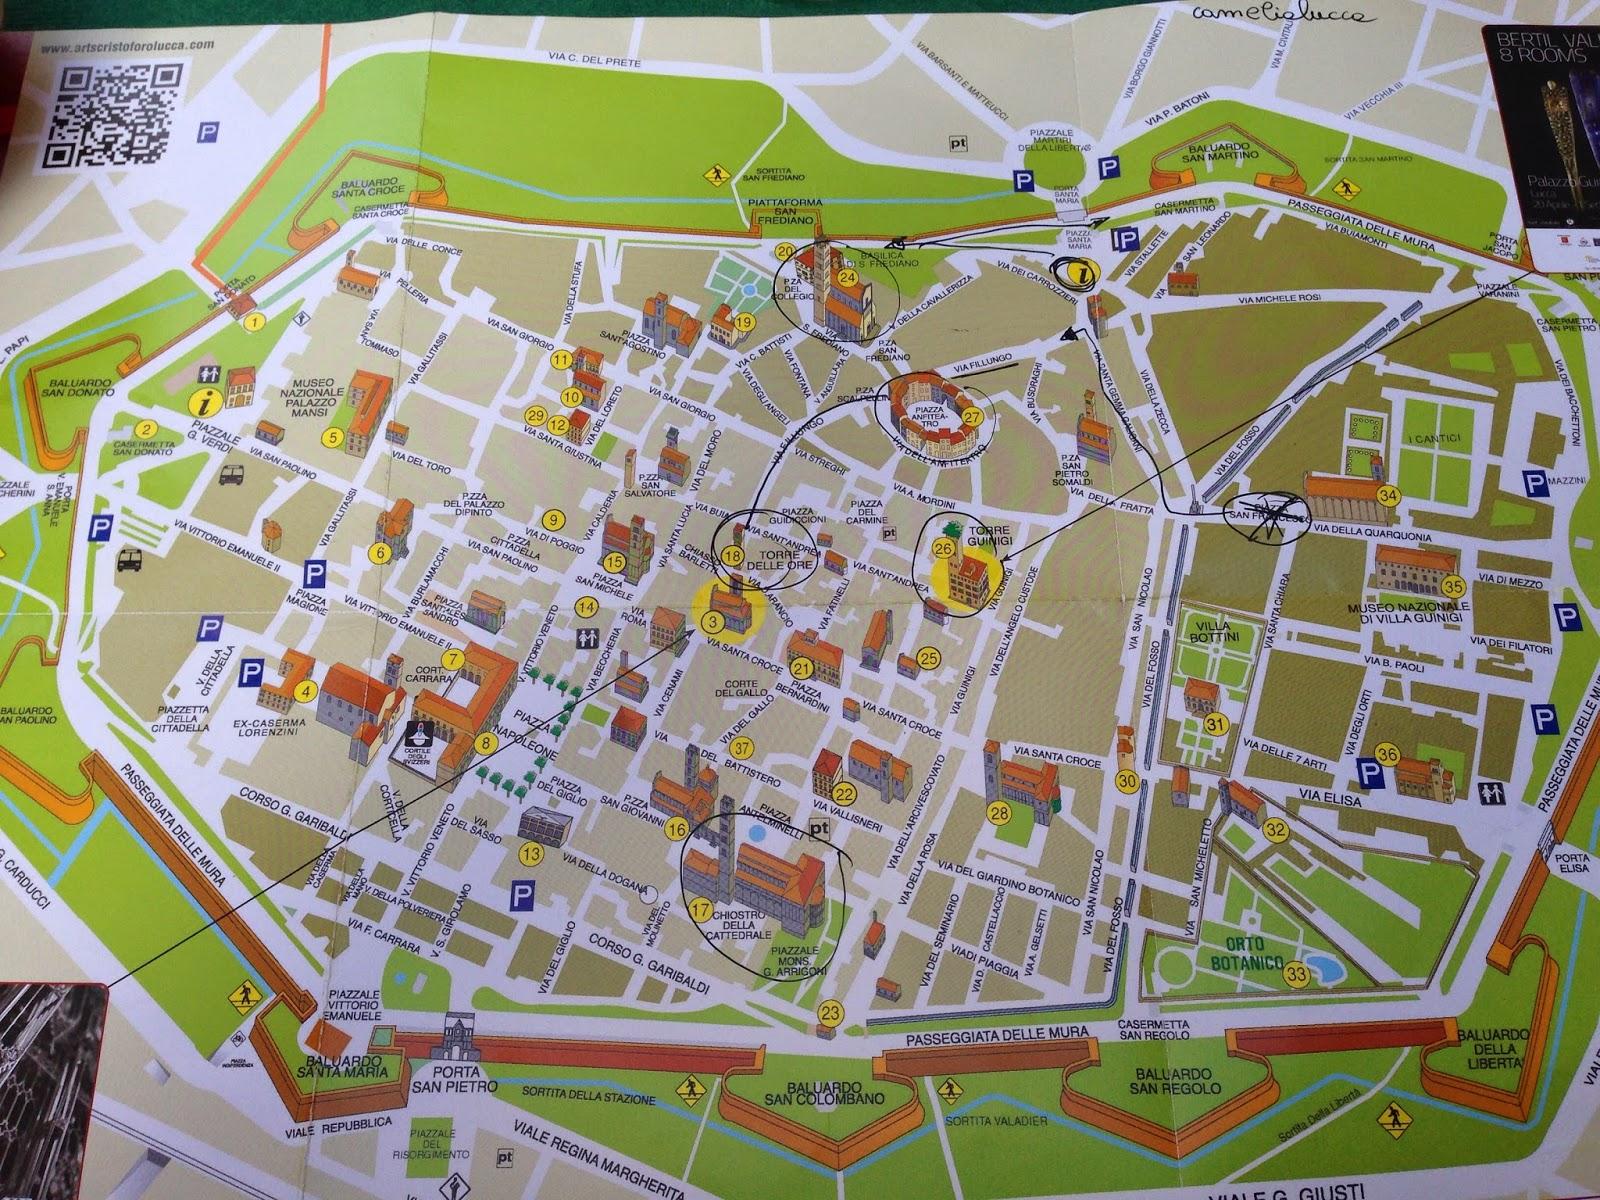 lucca kart Mstraveltipsy : Lucca   Travel Tips / Reisetips lucca kart